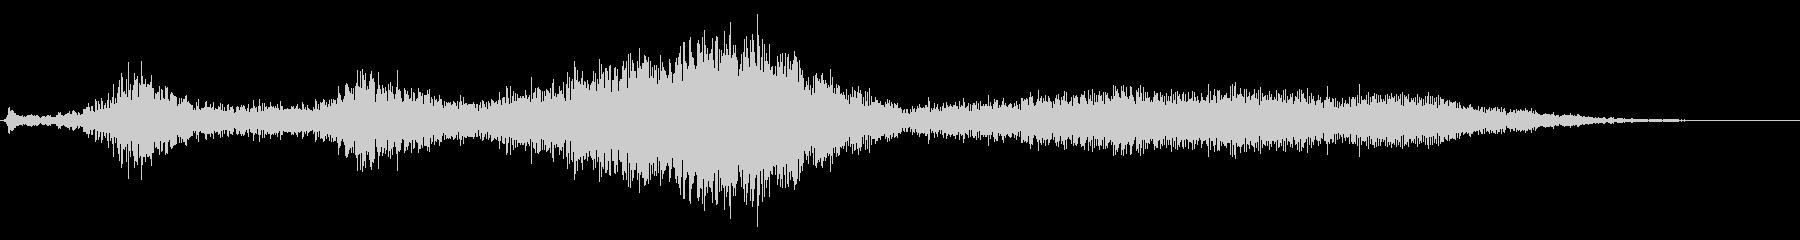 1980年代のVWビートルバグ:E...の未再生の波形